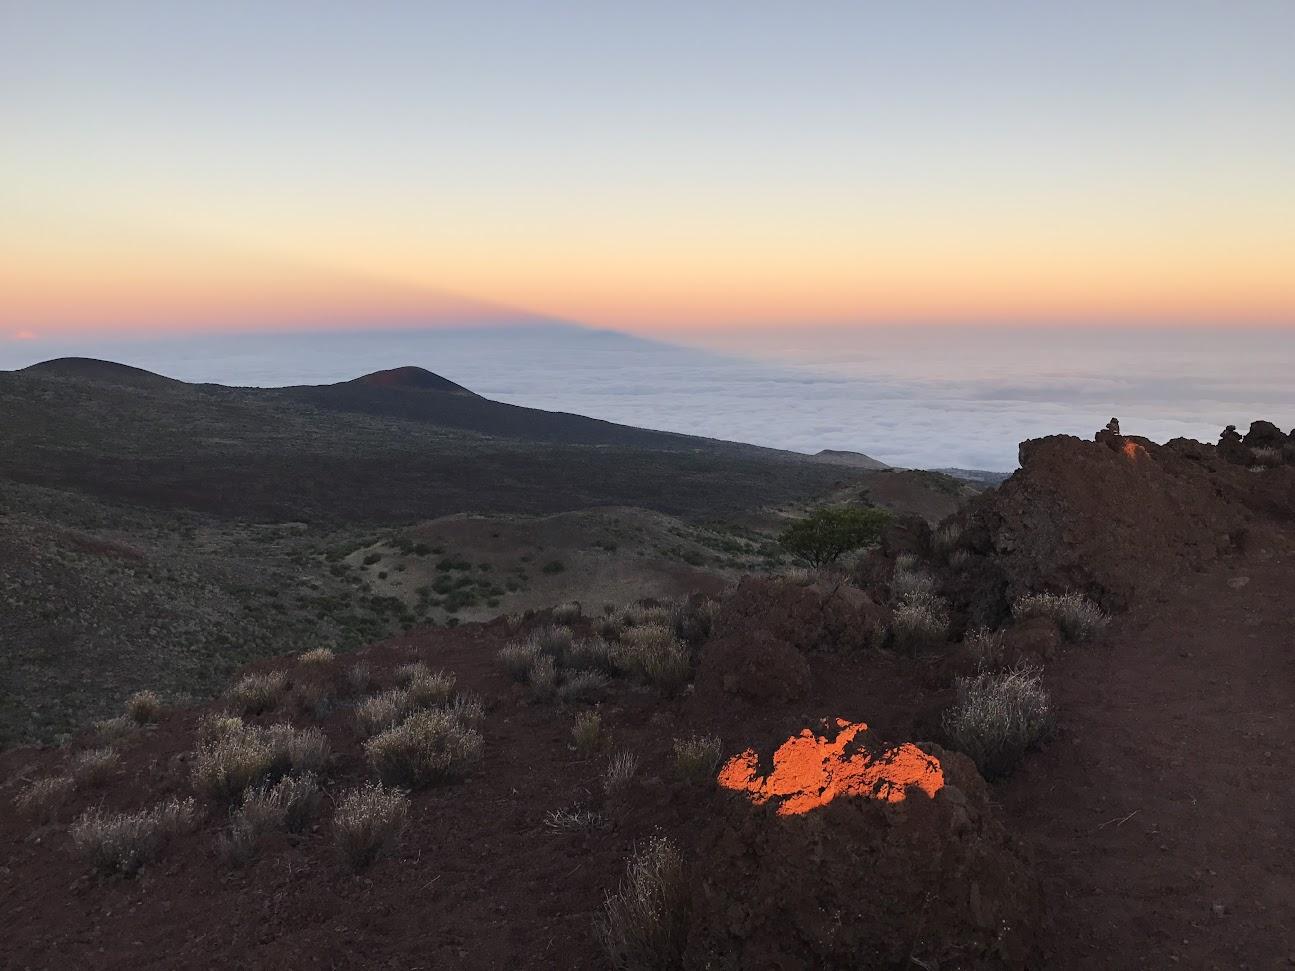 L'ombre du Mauna Kea se projette sur la mer de nuages dans le soleil couchant